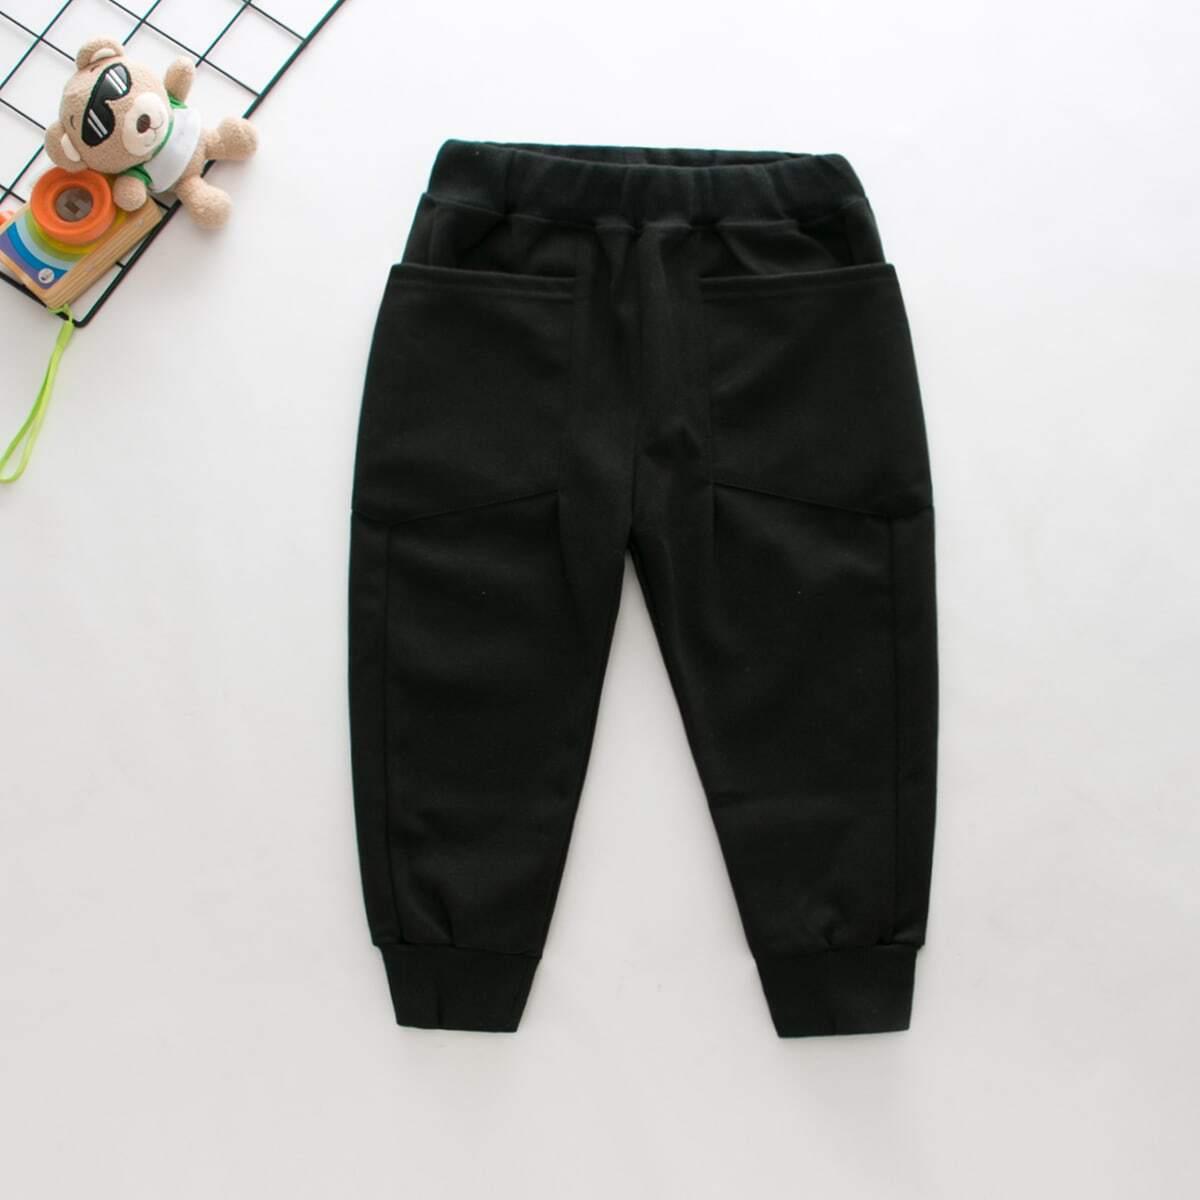 Спортивные брюки с эластичной талией для мальчиков